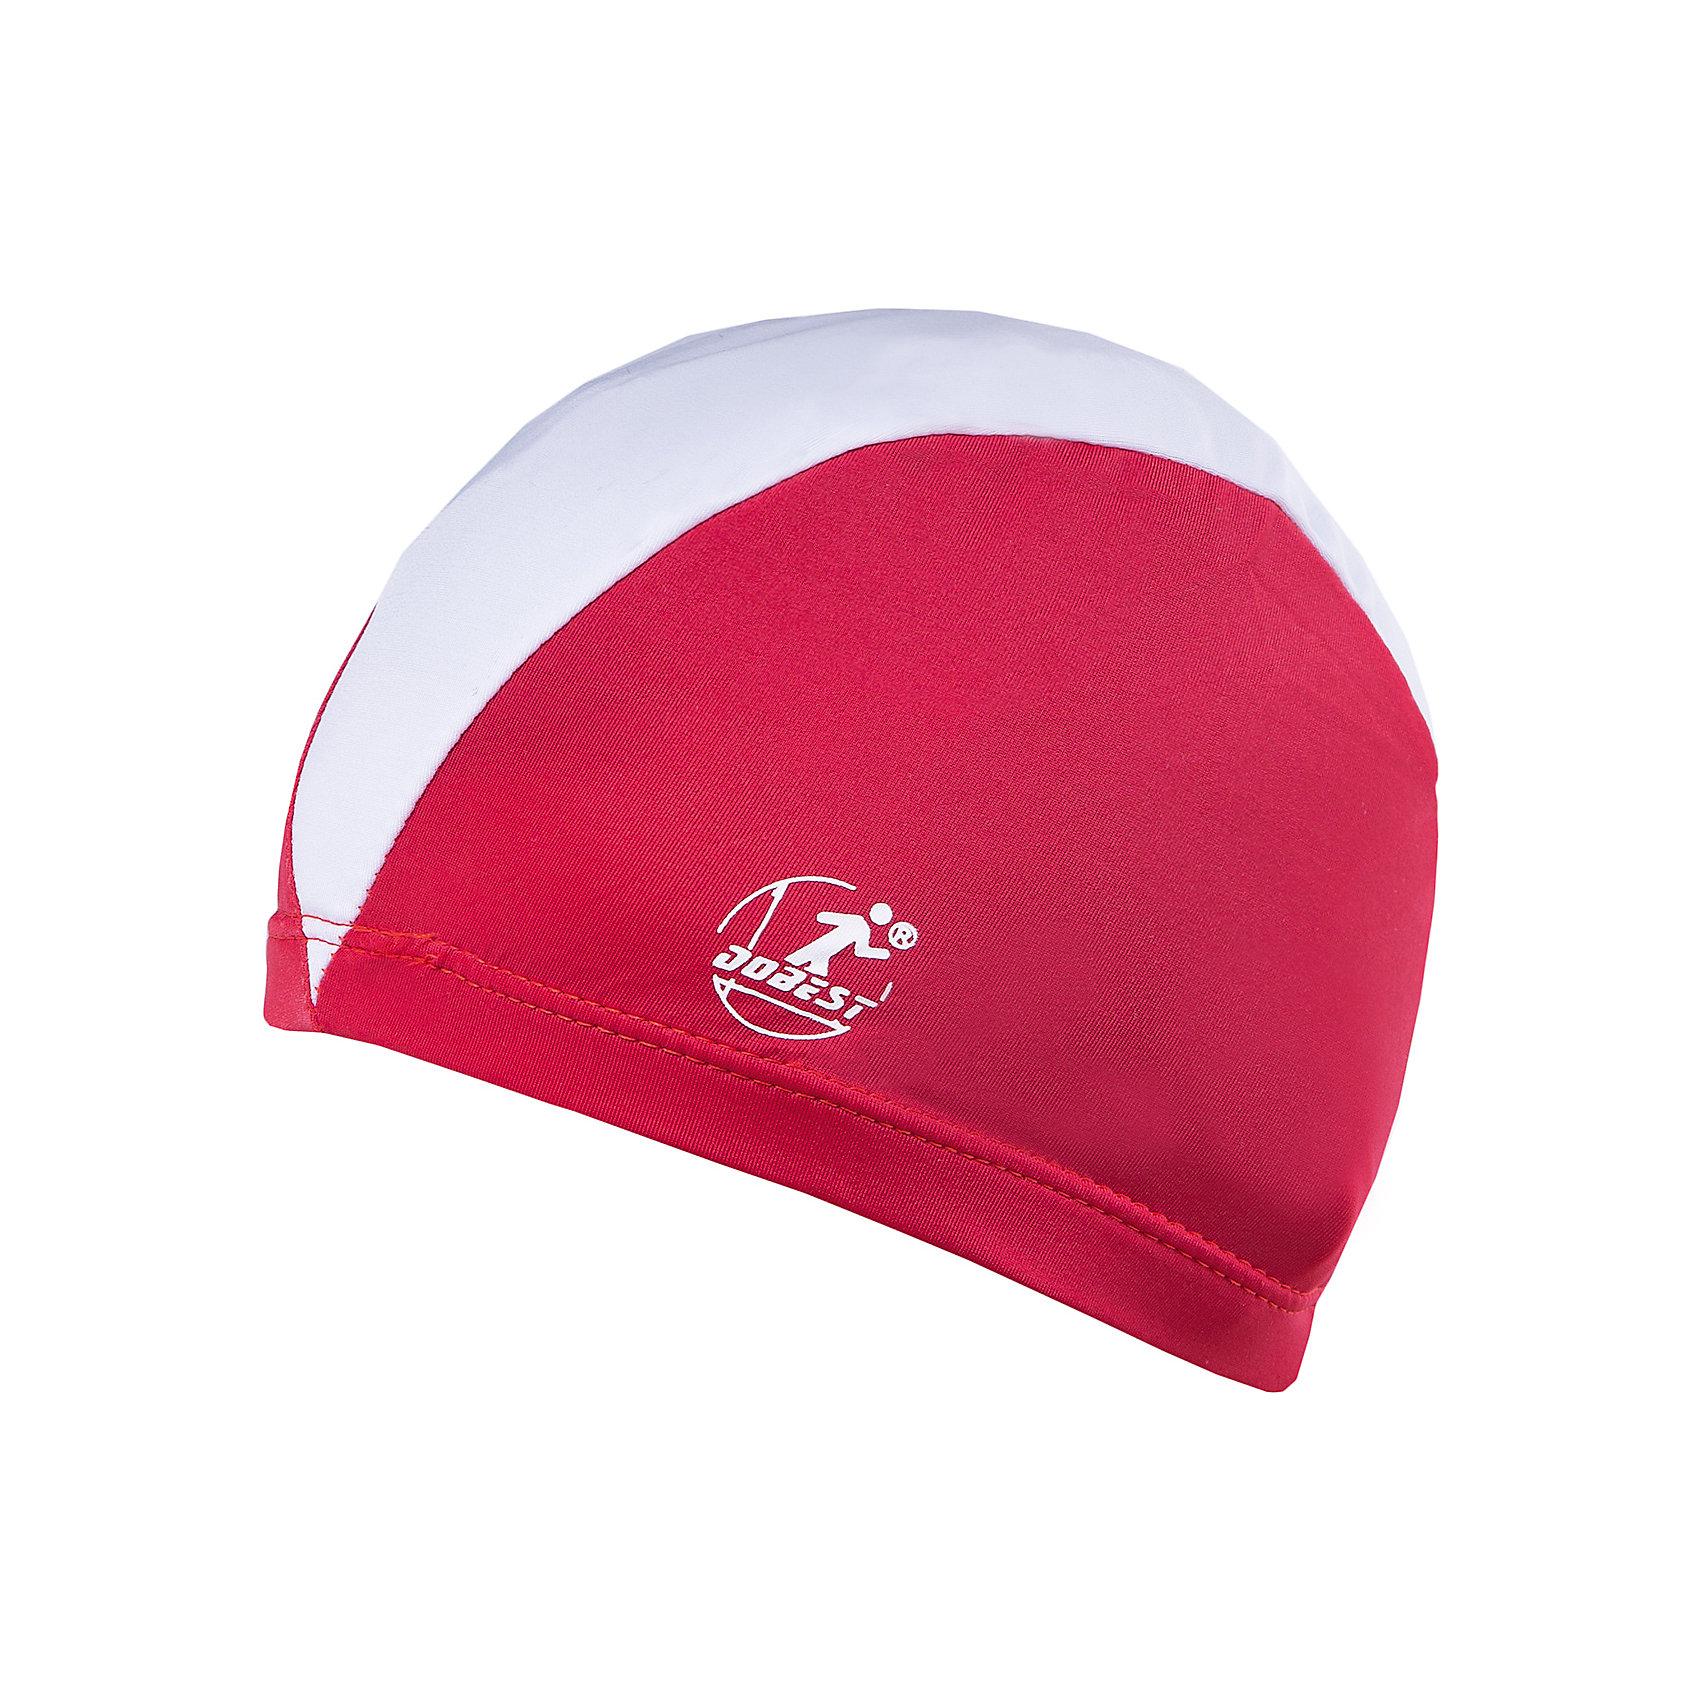 Шапочка для плавания полиэстеровая, красная, DobestОчки, маски, ласты, шапочки<br>Характеристики товара:<br><br>• материал: полиэстер<br>• размер: универсальный<br>• страна-производитель: Китай <br>• упаковка: пакет с подвесом<br><br>Прекрасно защищает ваши волосы при посещении бассейна. <br><br>Легко надевается и снимается, не липнет к волосам и не требует особого ухода. <br><br>Благодаря своей эластичности, шапочка подходит к любому размеру головы.<br><br>Шапочку для плавания полиэстеровая, желтая, Dobest можно купить в нашем интернет-магазине.<br><br>Ширина мм: 165<br>Глубина мм: 120<br>Высота мм: 10<br>Вес г: 23<br>Возраст от месяцев: 36<br>Возраст до месяцев: 2147483647<br>Пол: Унисекс<br>Возраст: Детский<br>SKU: 5574452